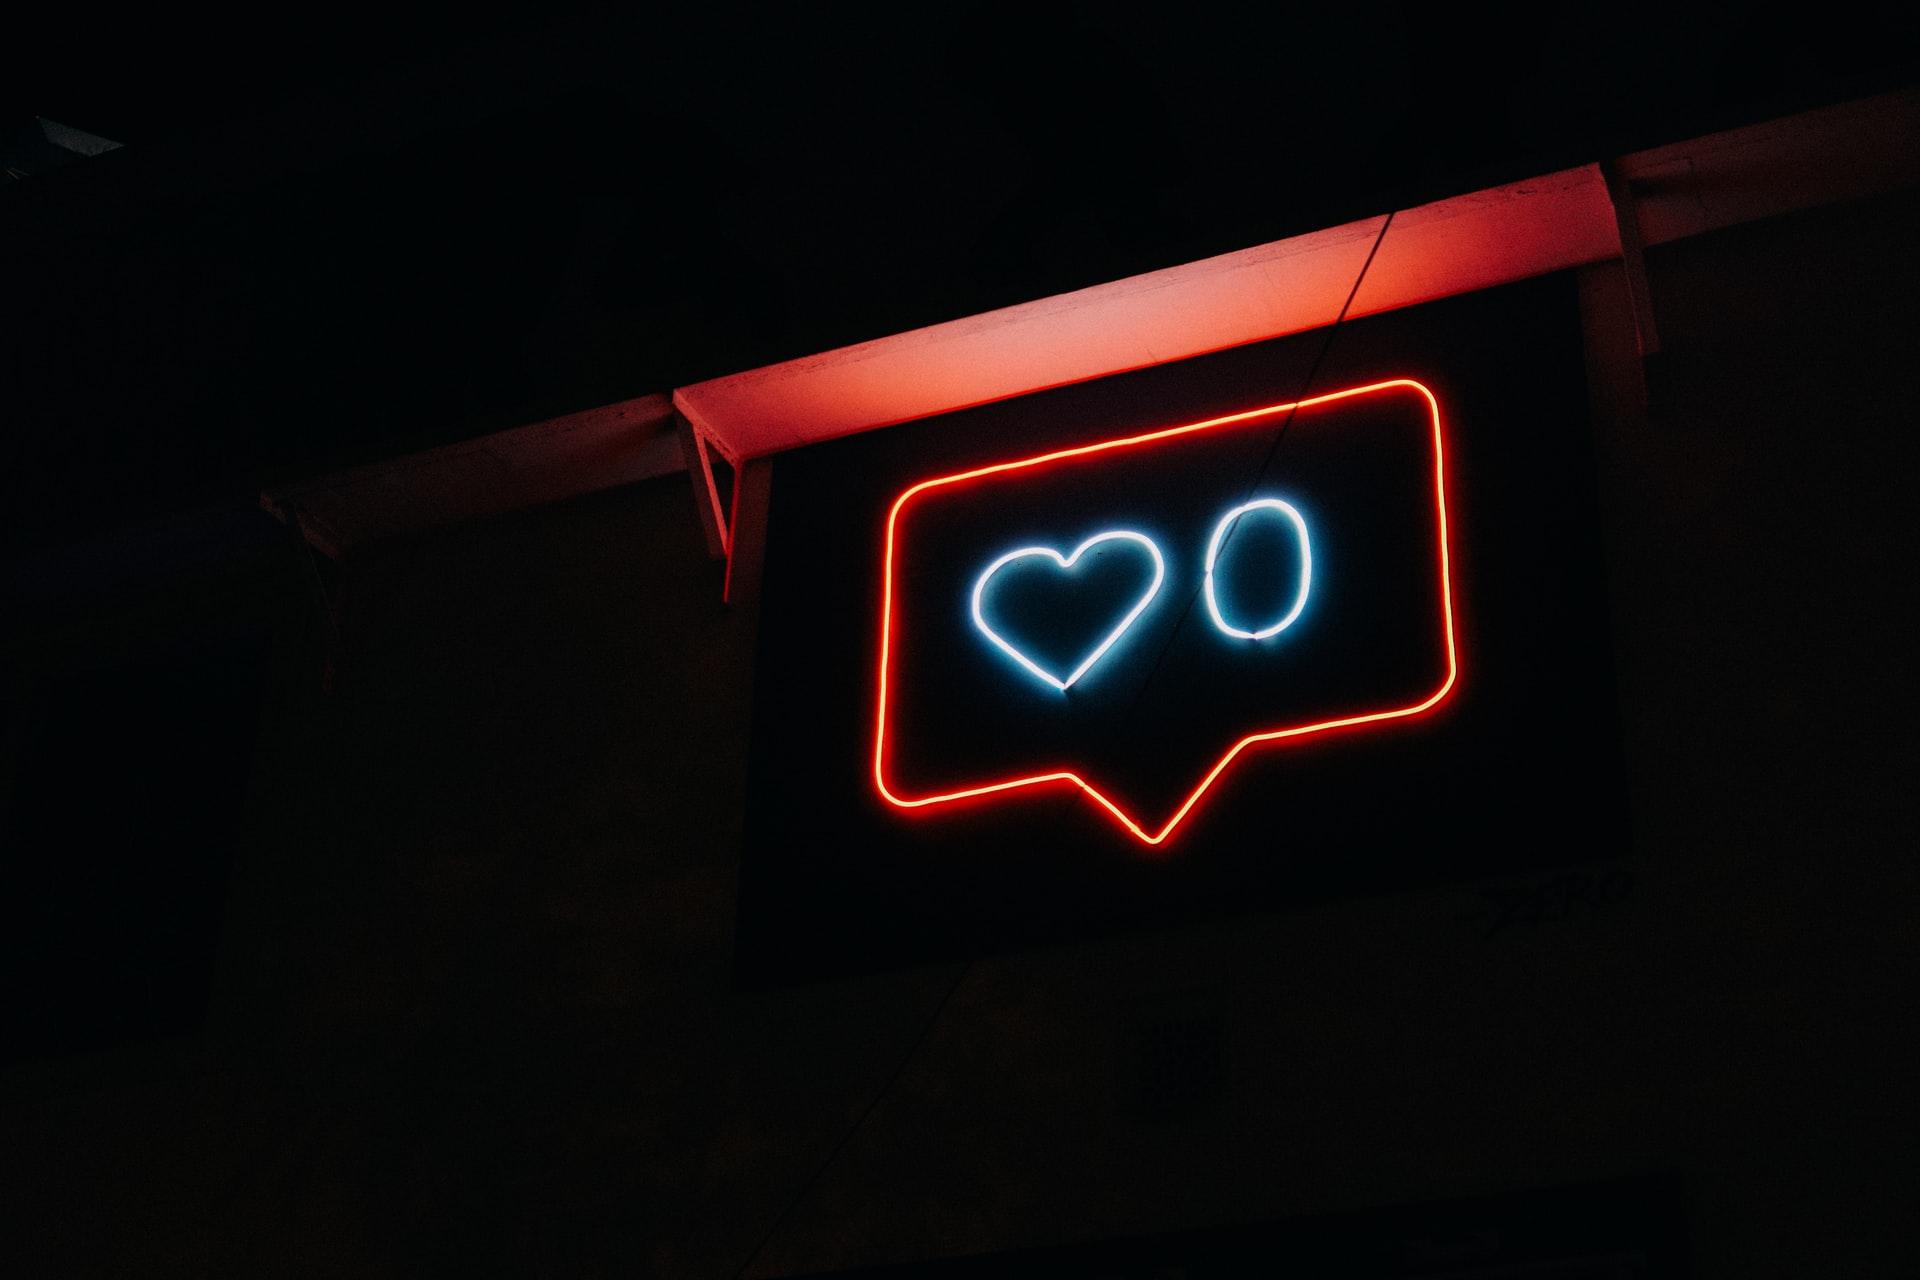 Продвижение и раскрутка в социальных сетях: что следует знать о возможностях и инструментах SMM?